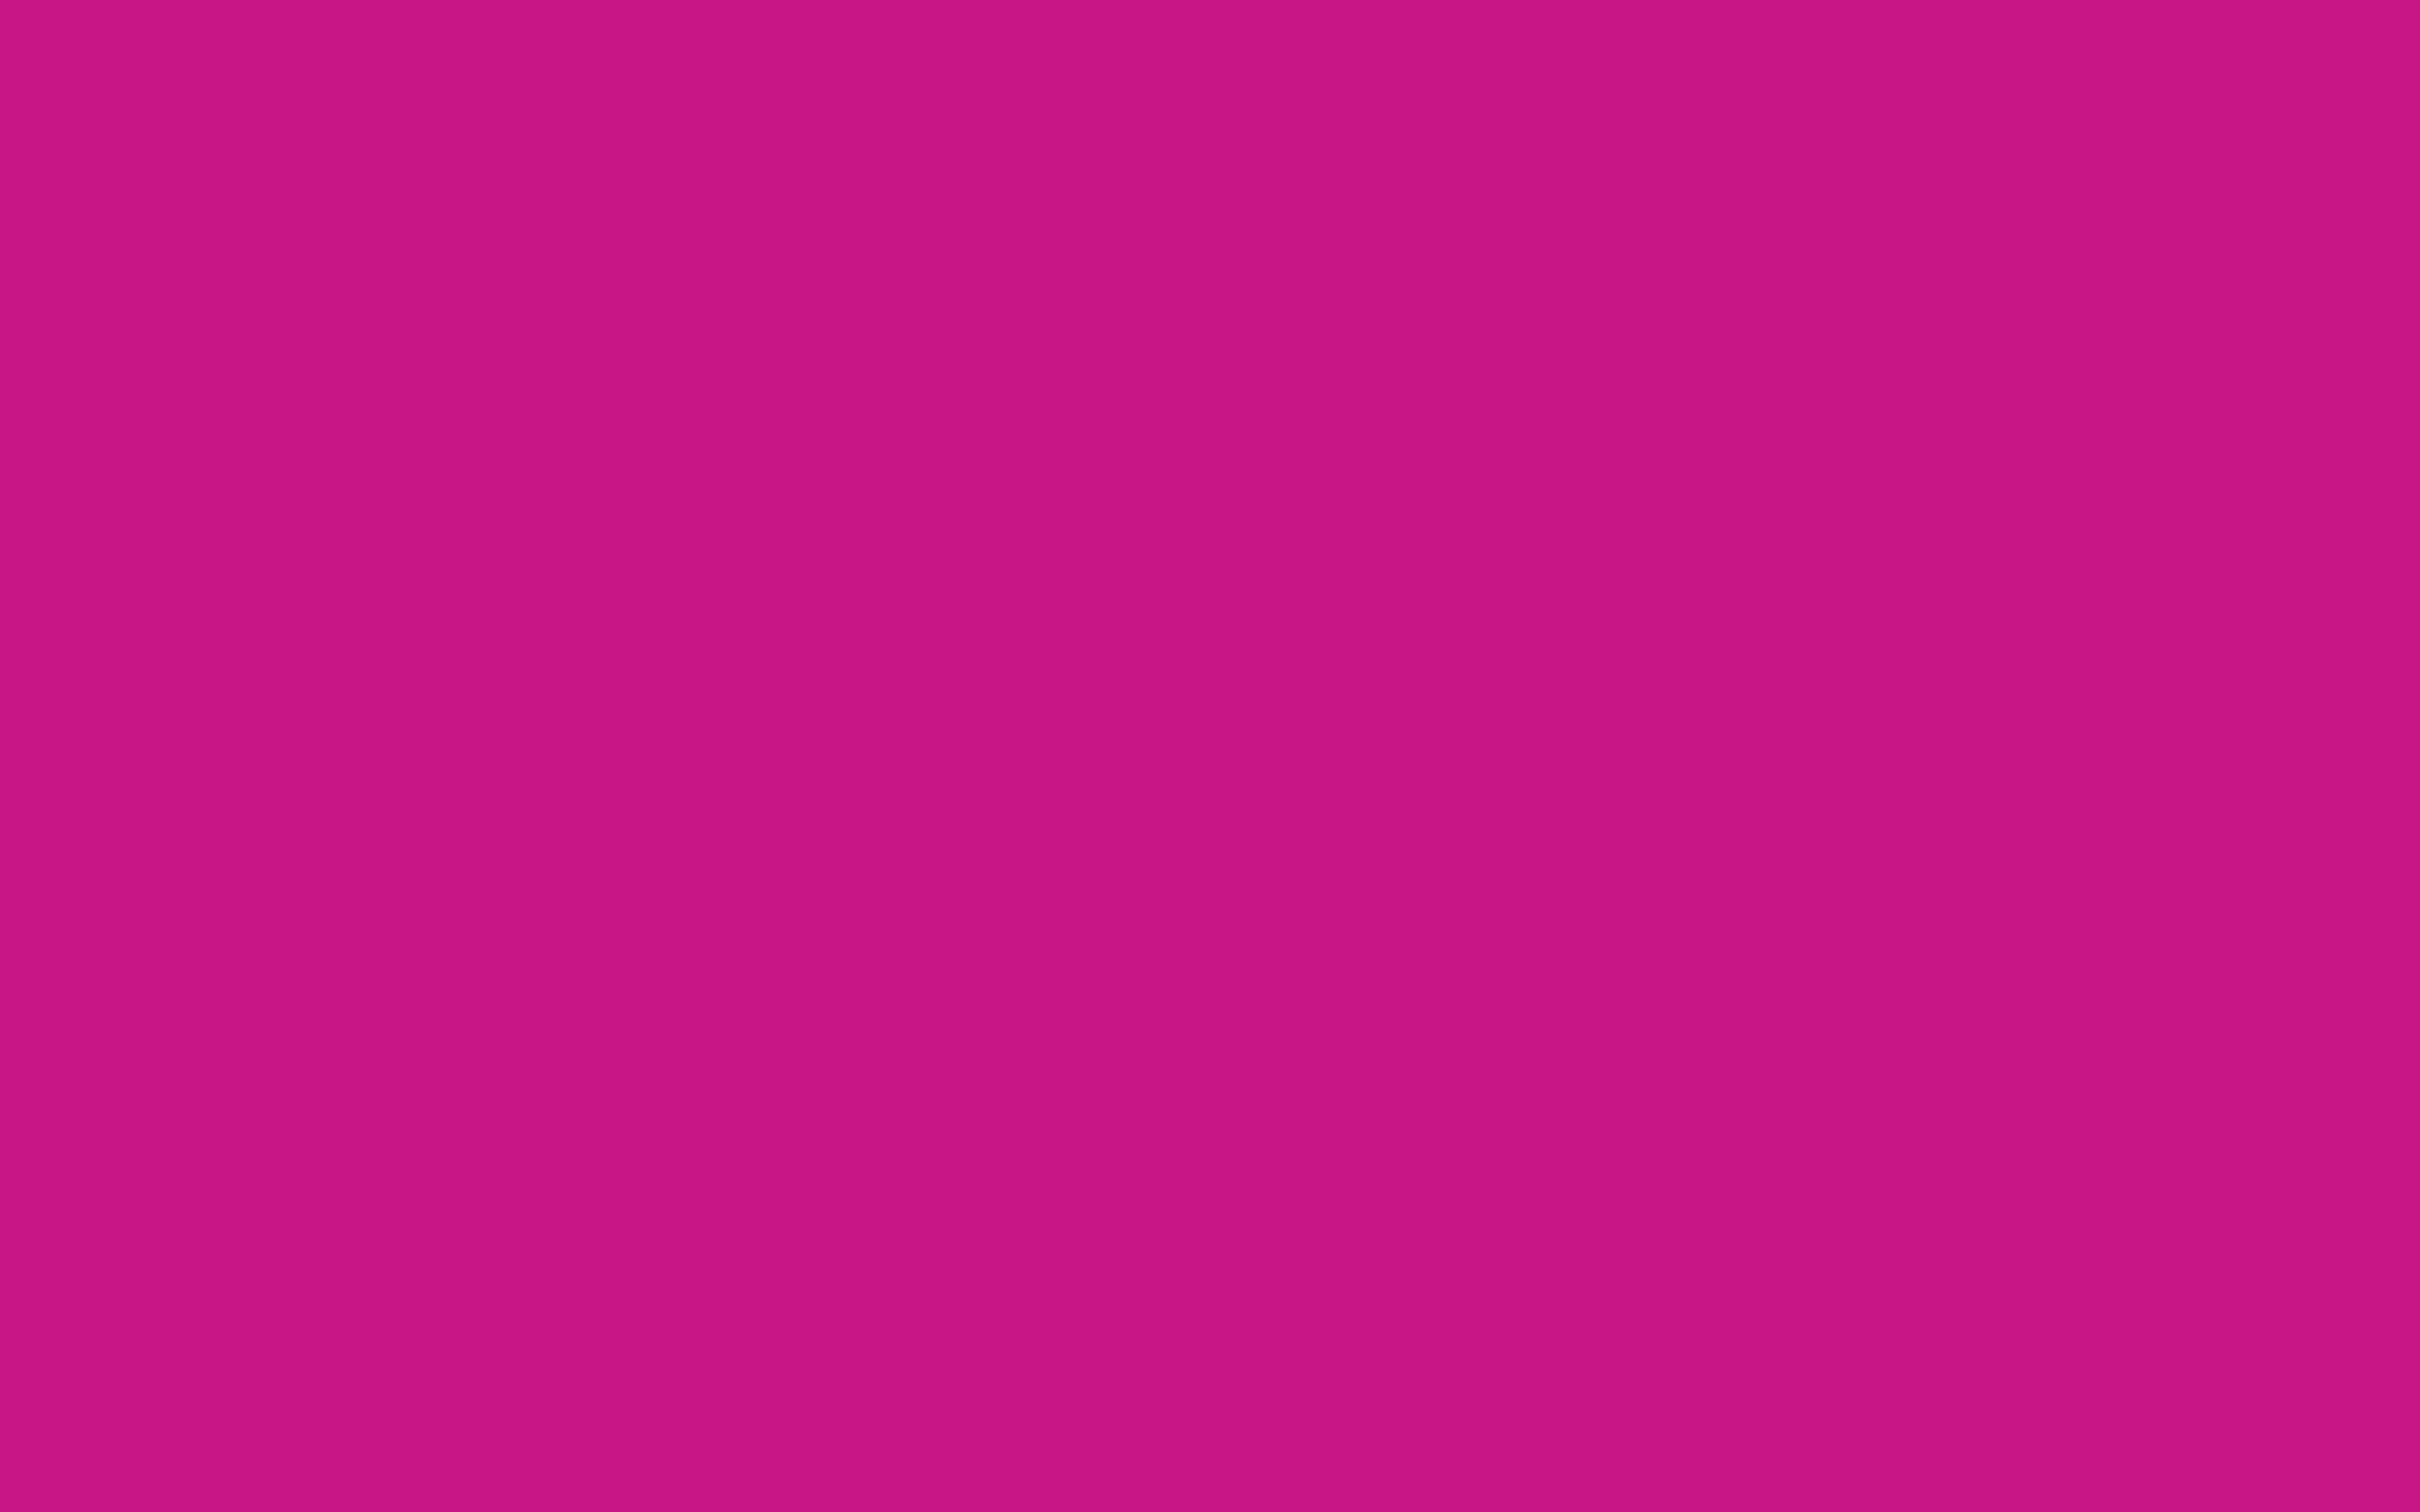 2560x1600 Medium Violet Red Solid Color Background